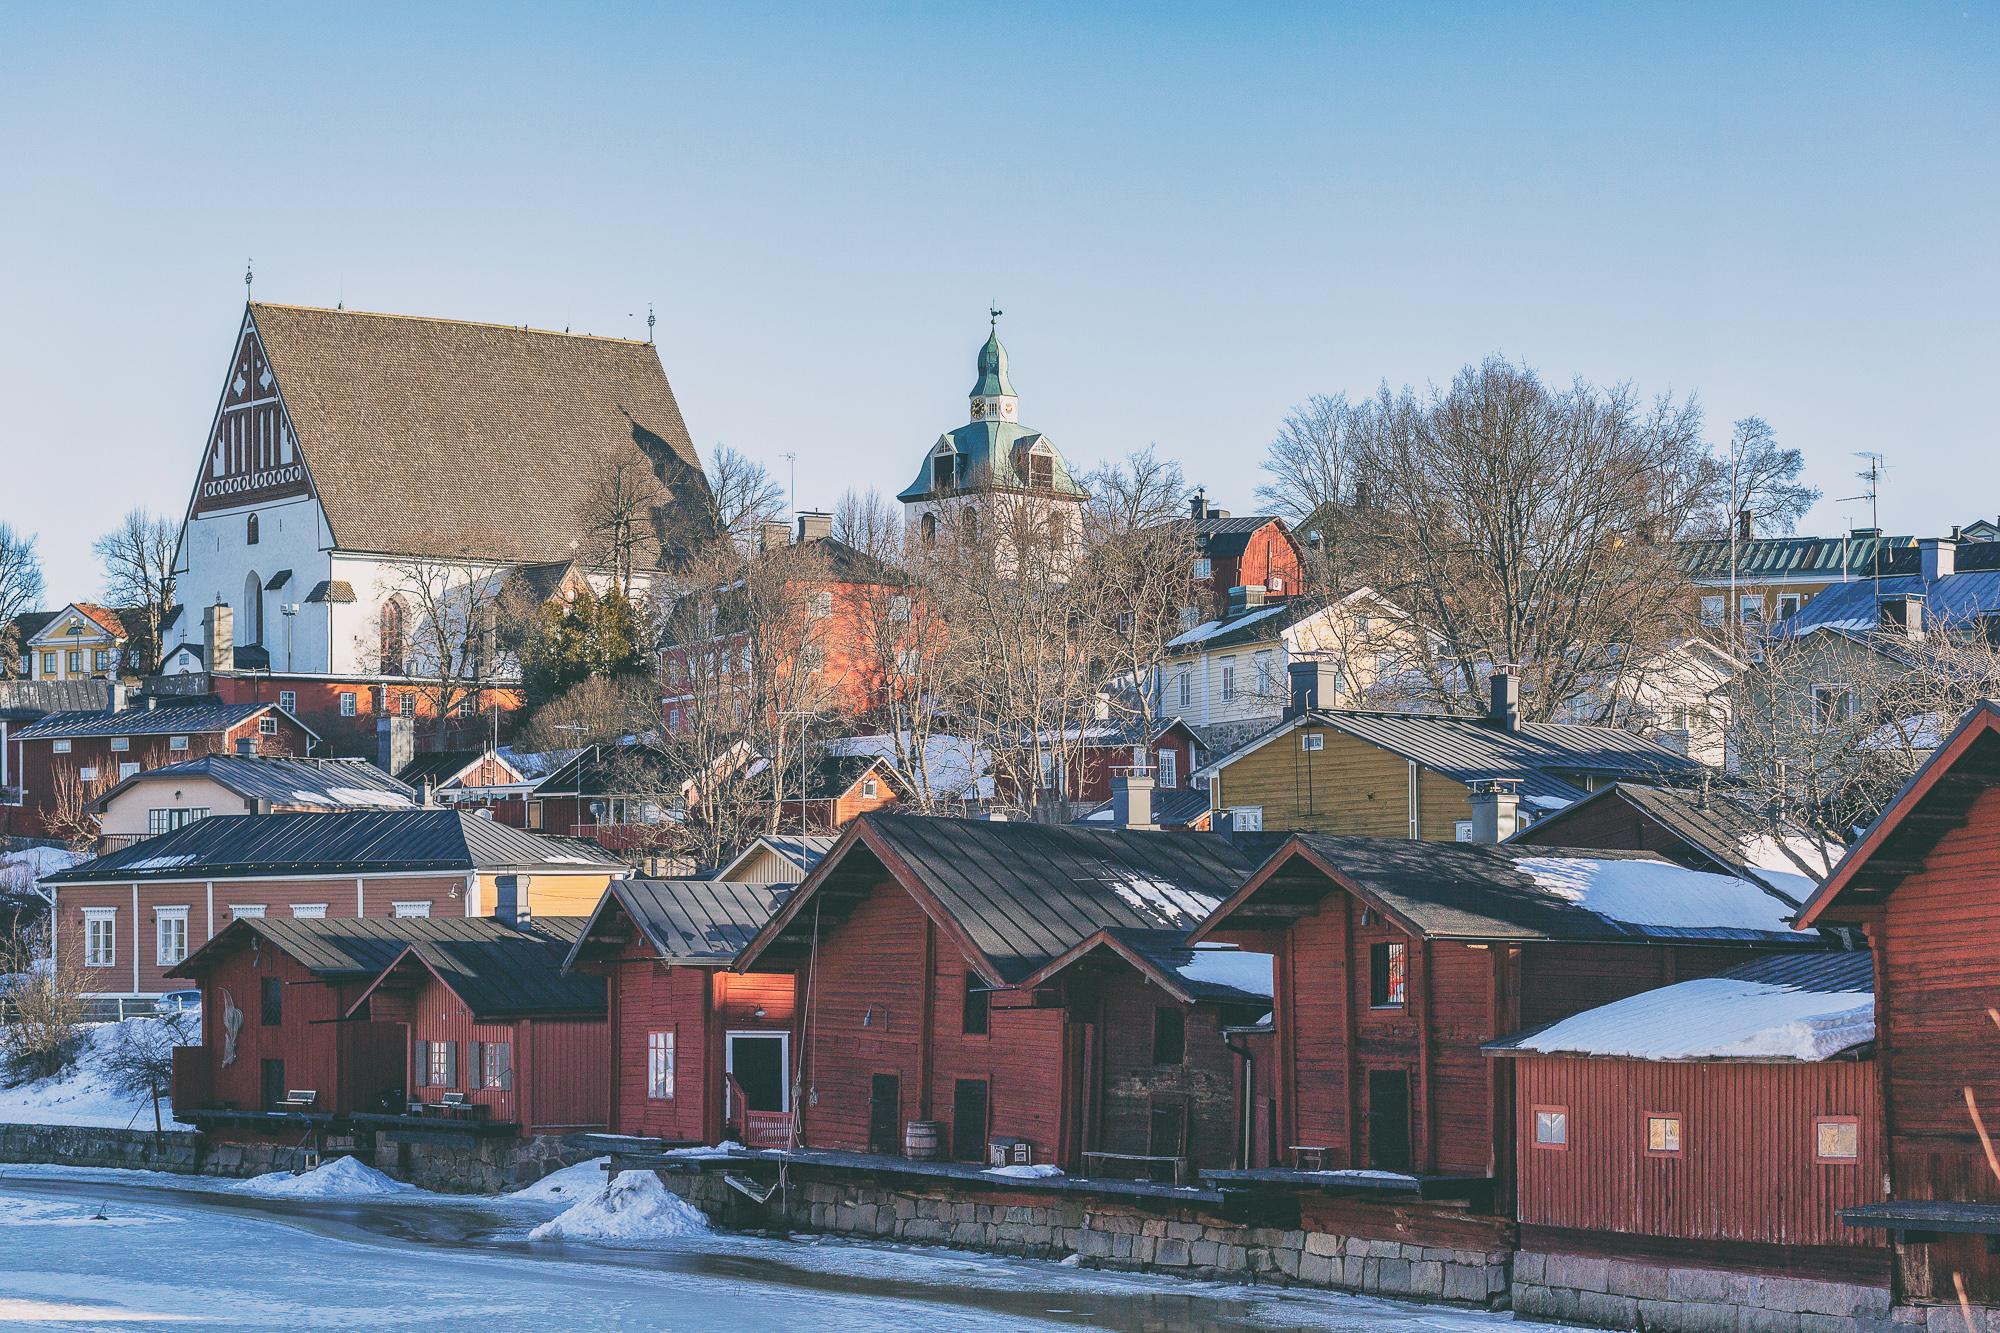 Porvoo, vanha kaupunki, old town, visitporvoo, visitfinland, Finland, Suomi, kotimaan matkailu, kotimaan nähtävyydet, valokuvaaja, Frida Steiner, photographer, photography, winter, spring, kevät, talvi, visualaddict, visualaddictfrida, staycation